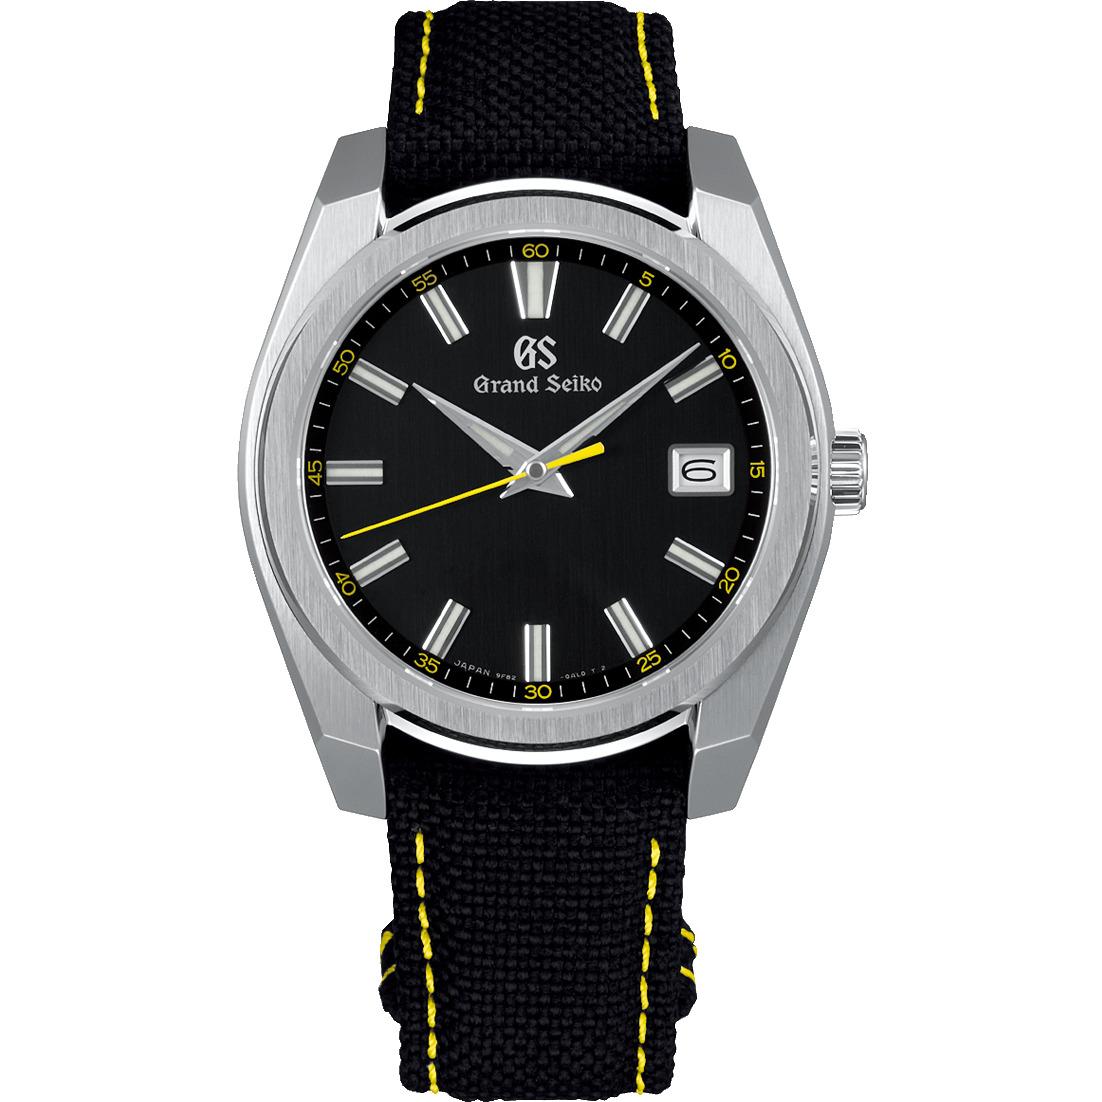 グランドセイコー Grand Seiko 正規メーカー保証3年 SBGV243 9Fクォーツ 正規品 腕時計